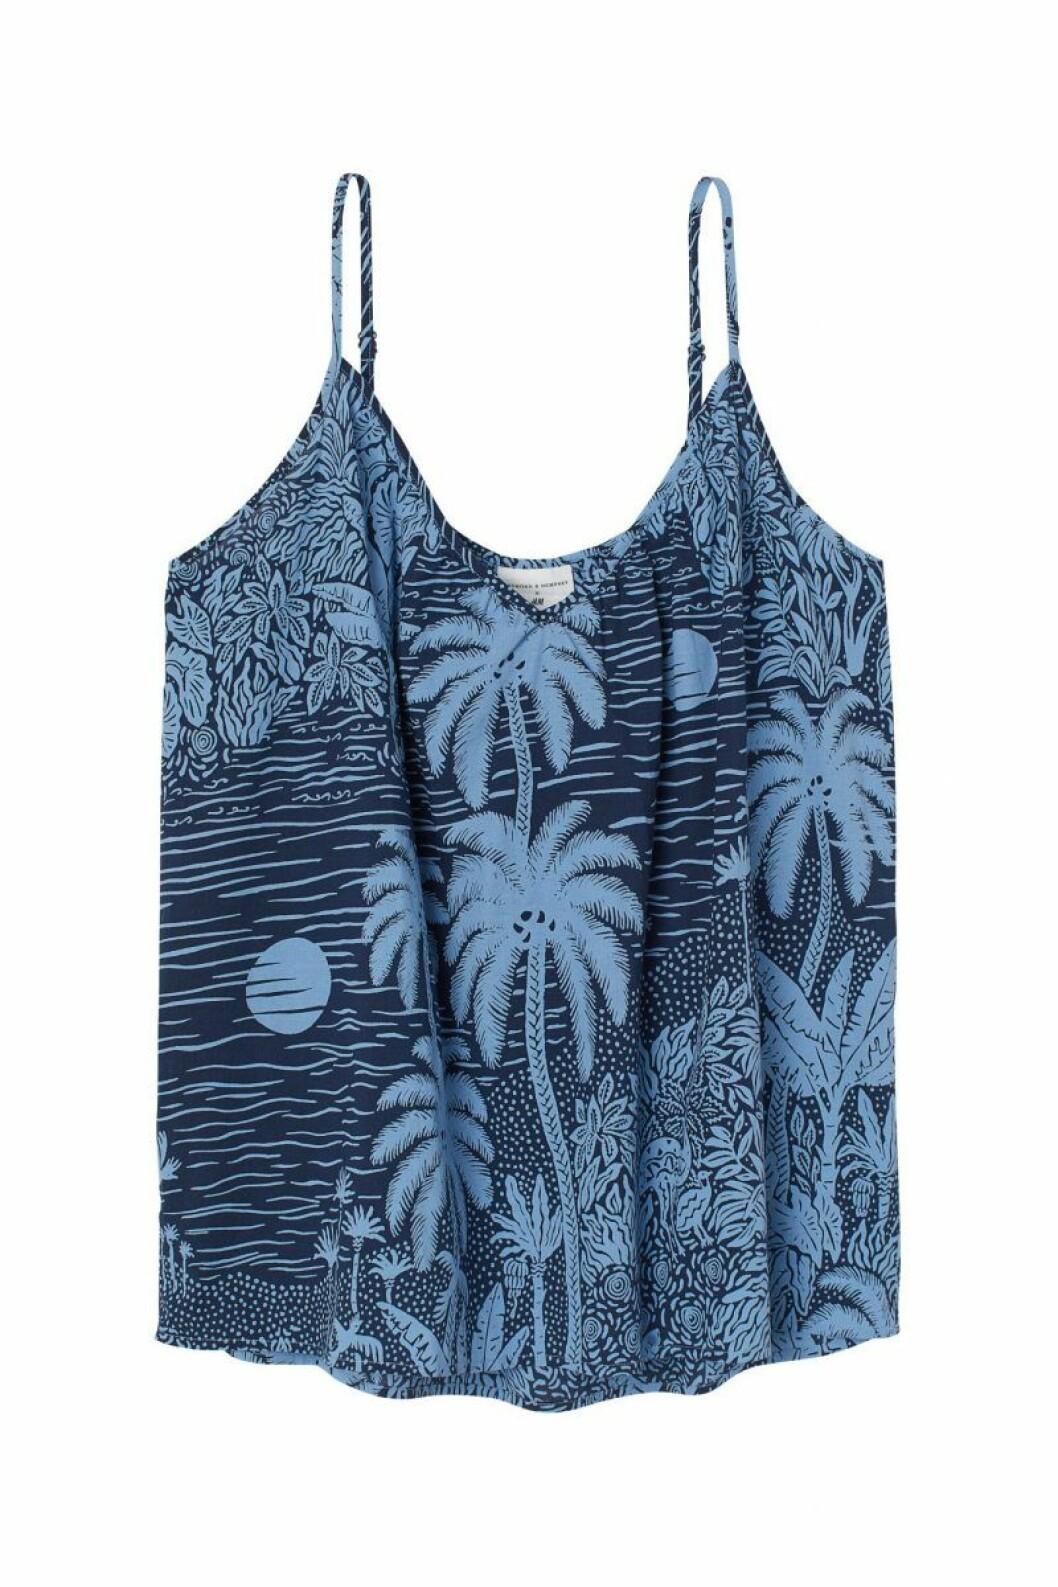 H&M x Desmond & Dempsey sommarkollektion 2020: blått linne